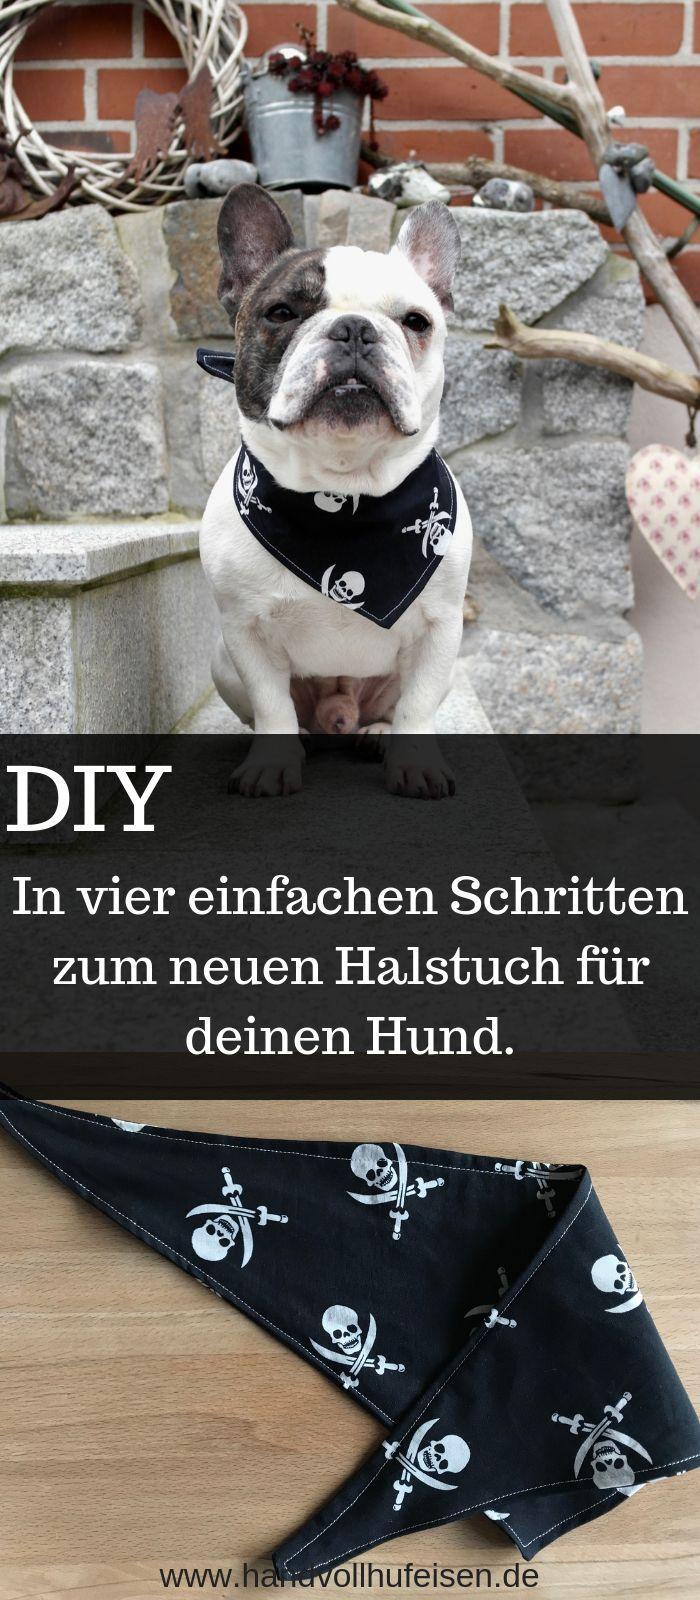 DIY-Anleitung: Wie du ganz einfach ein Halstuch für deinen Hund nähen kannst!